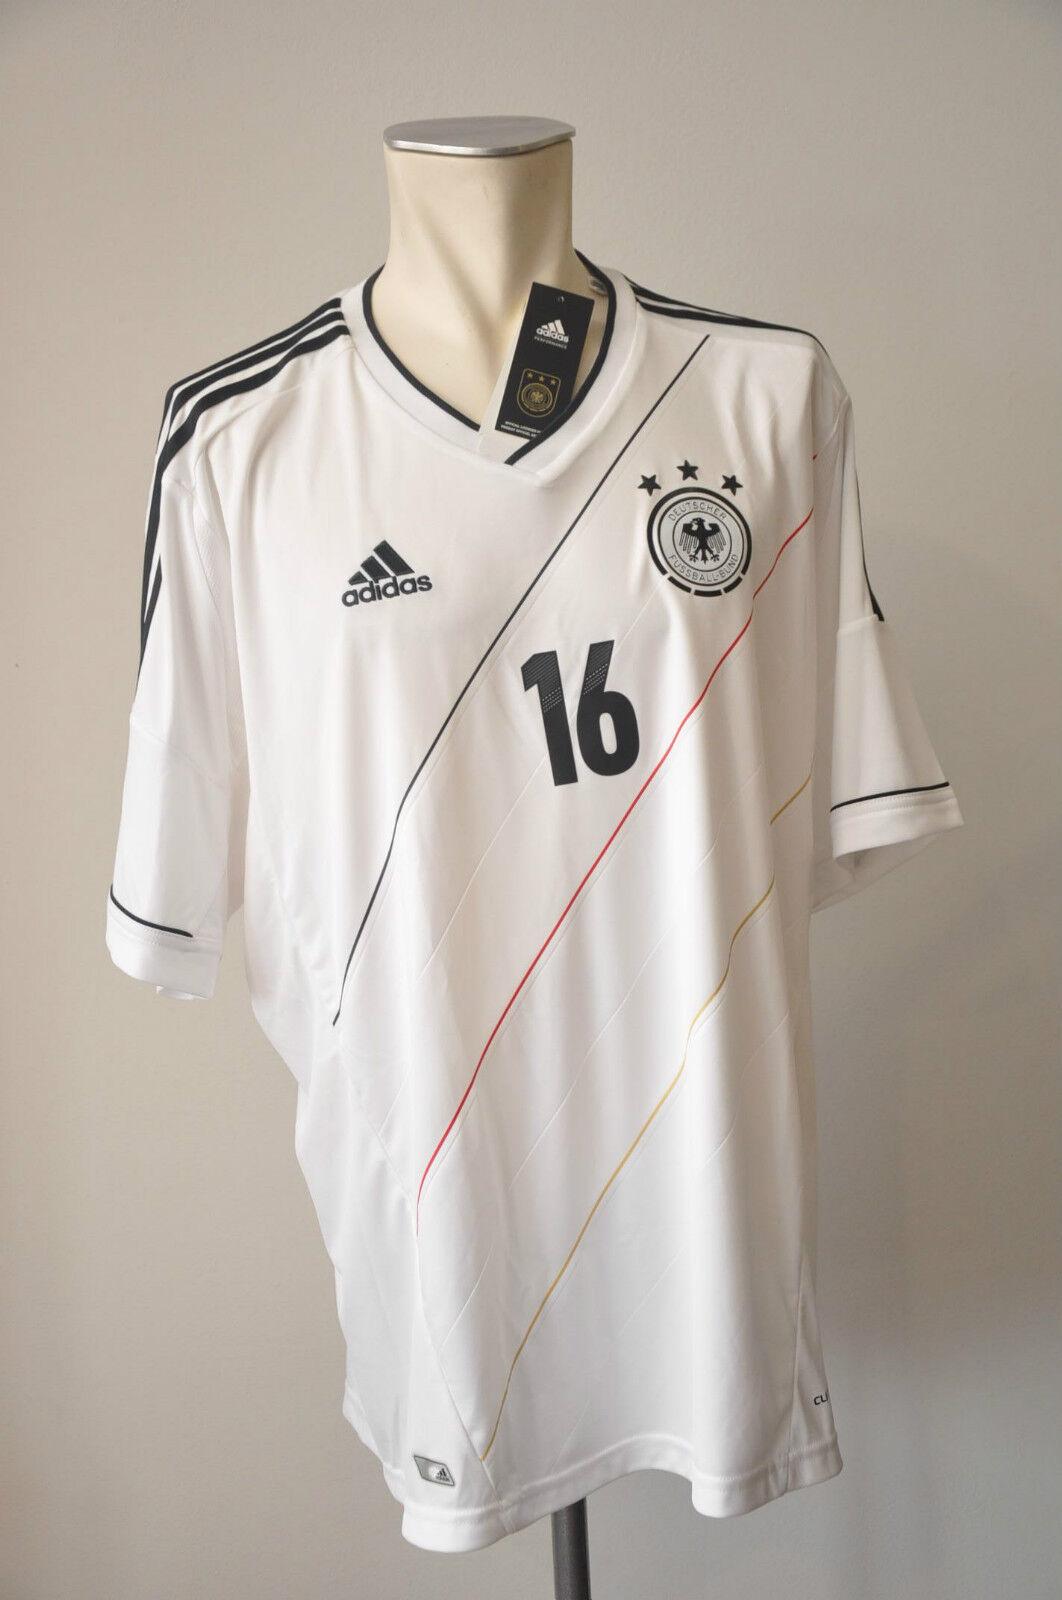 2012 Germany Jersey Lame  16 Größe XXL Adidas Wm DFB Home EM JERSEY 2xl